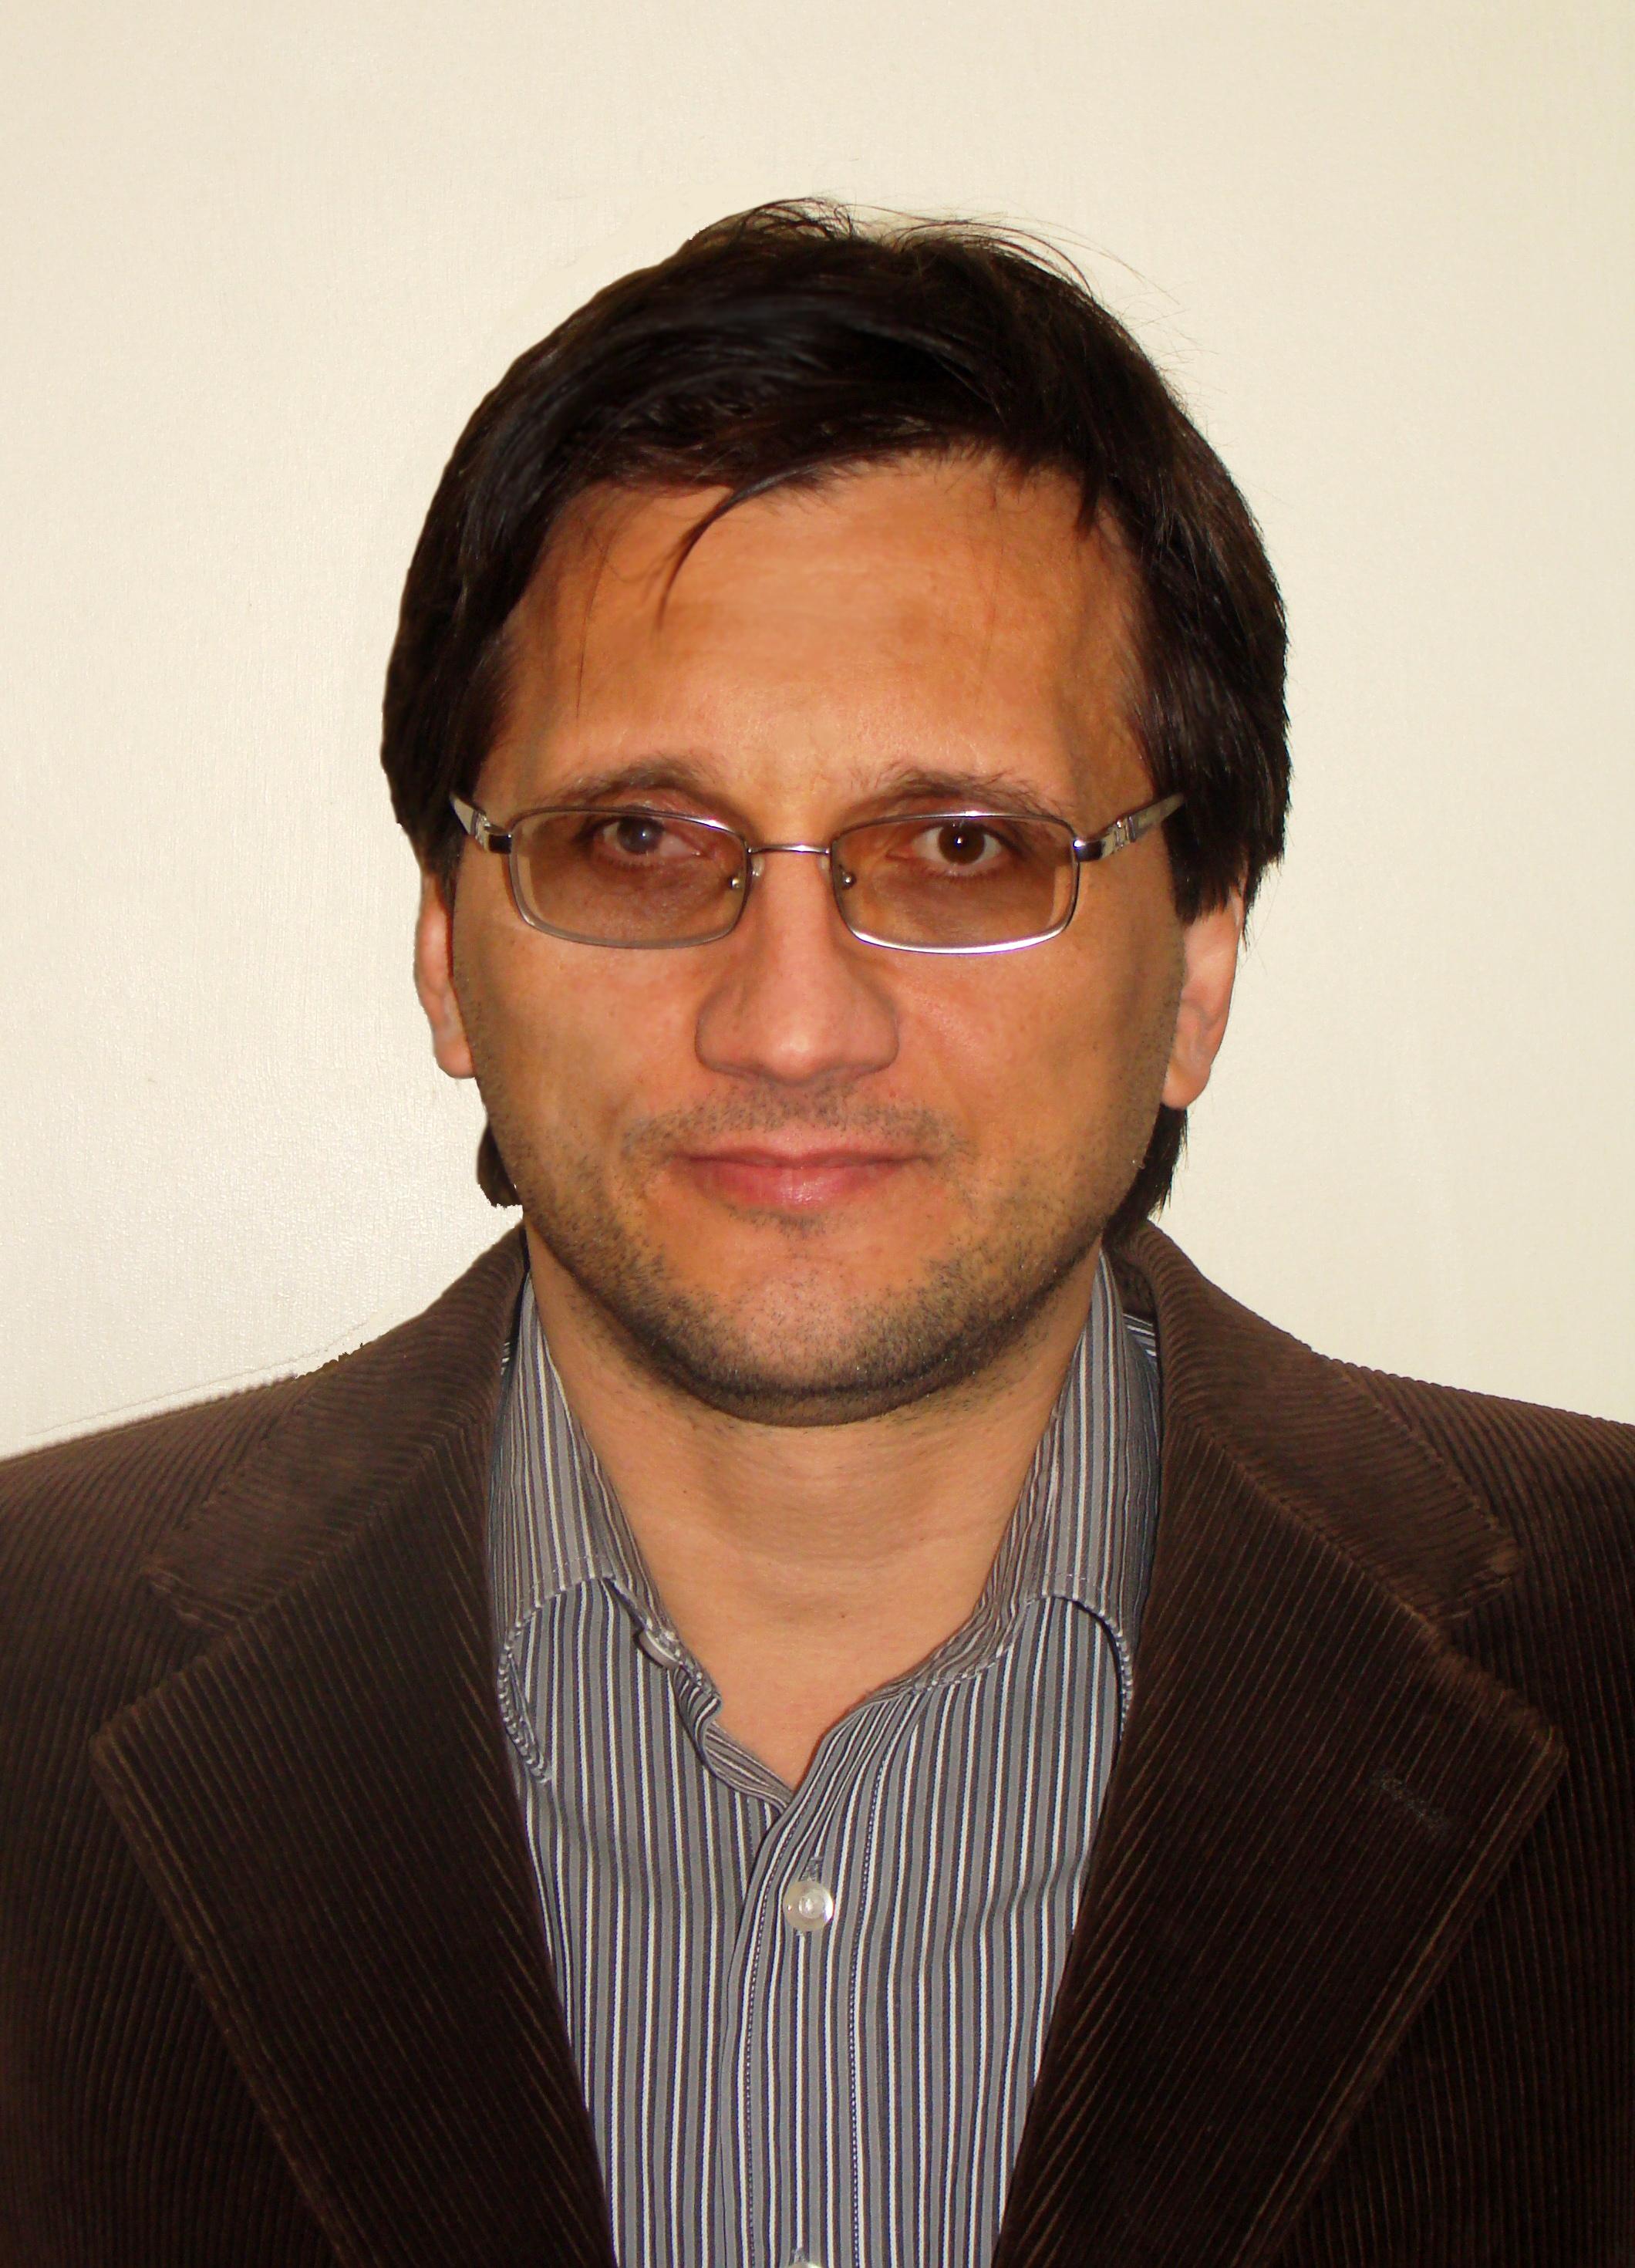 Gennady Chitov